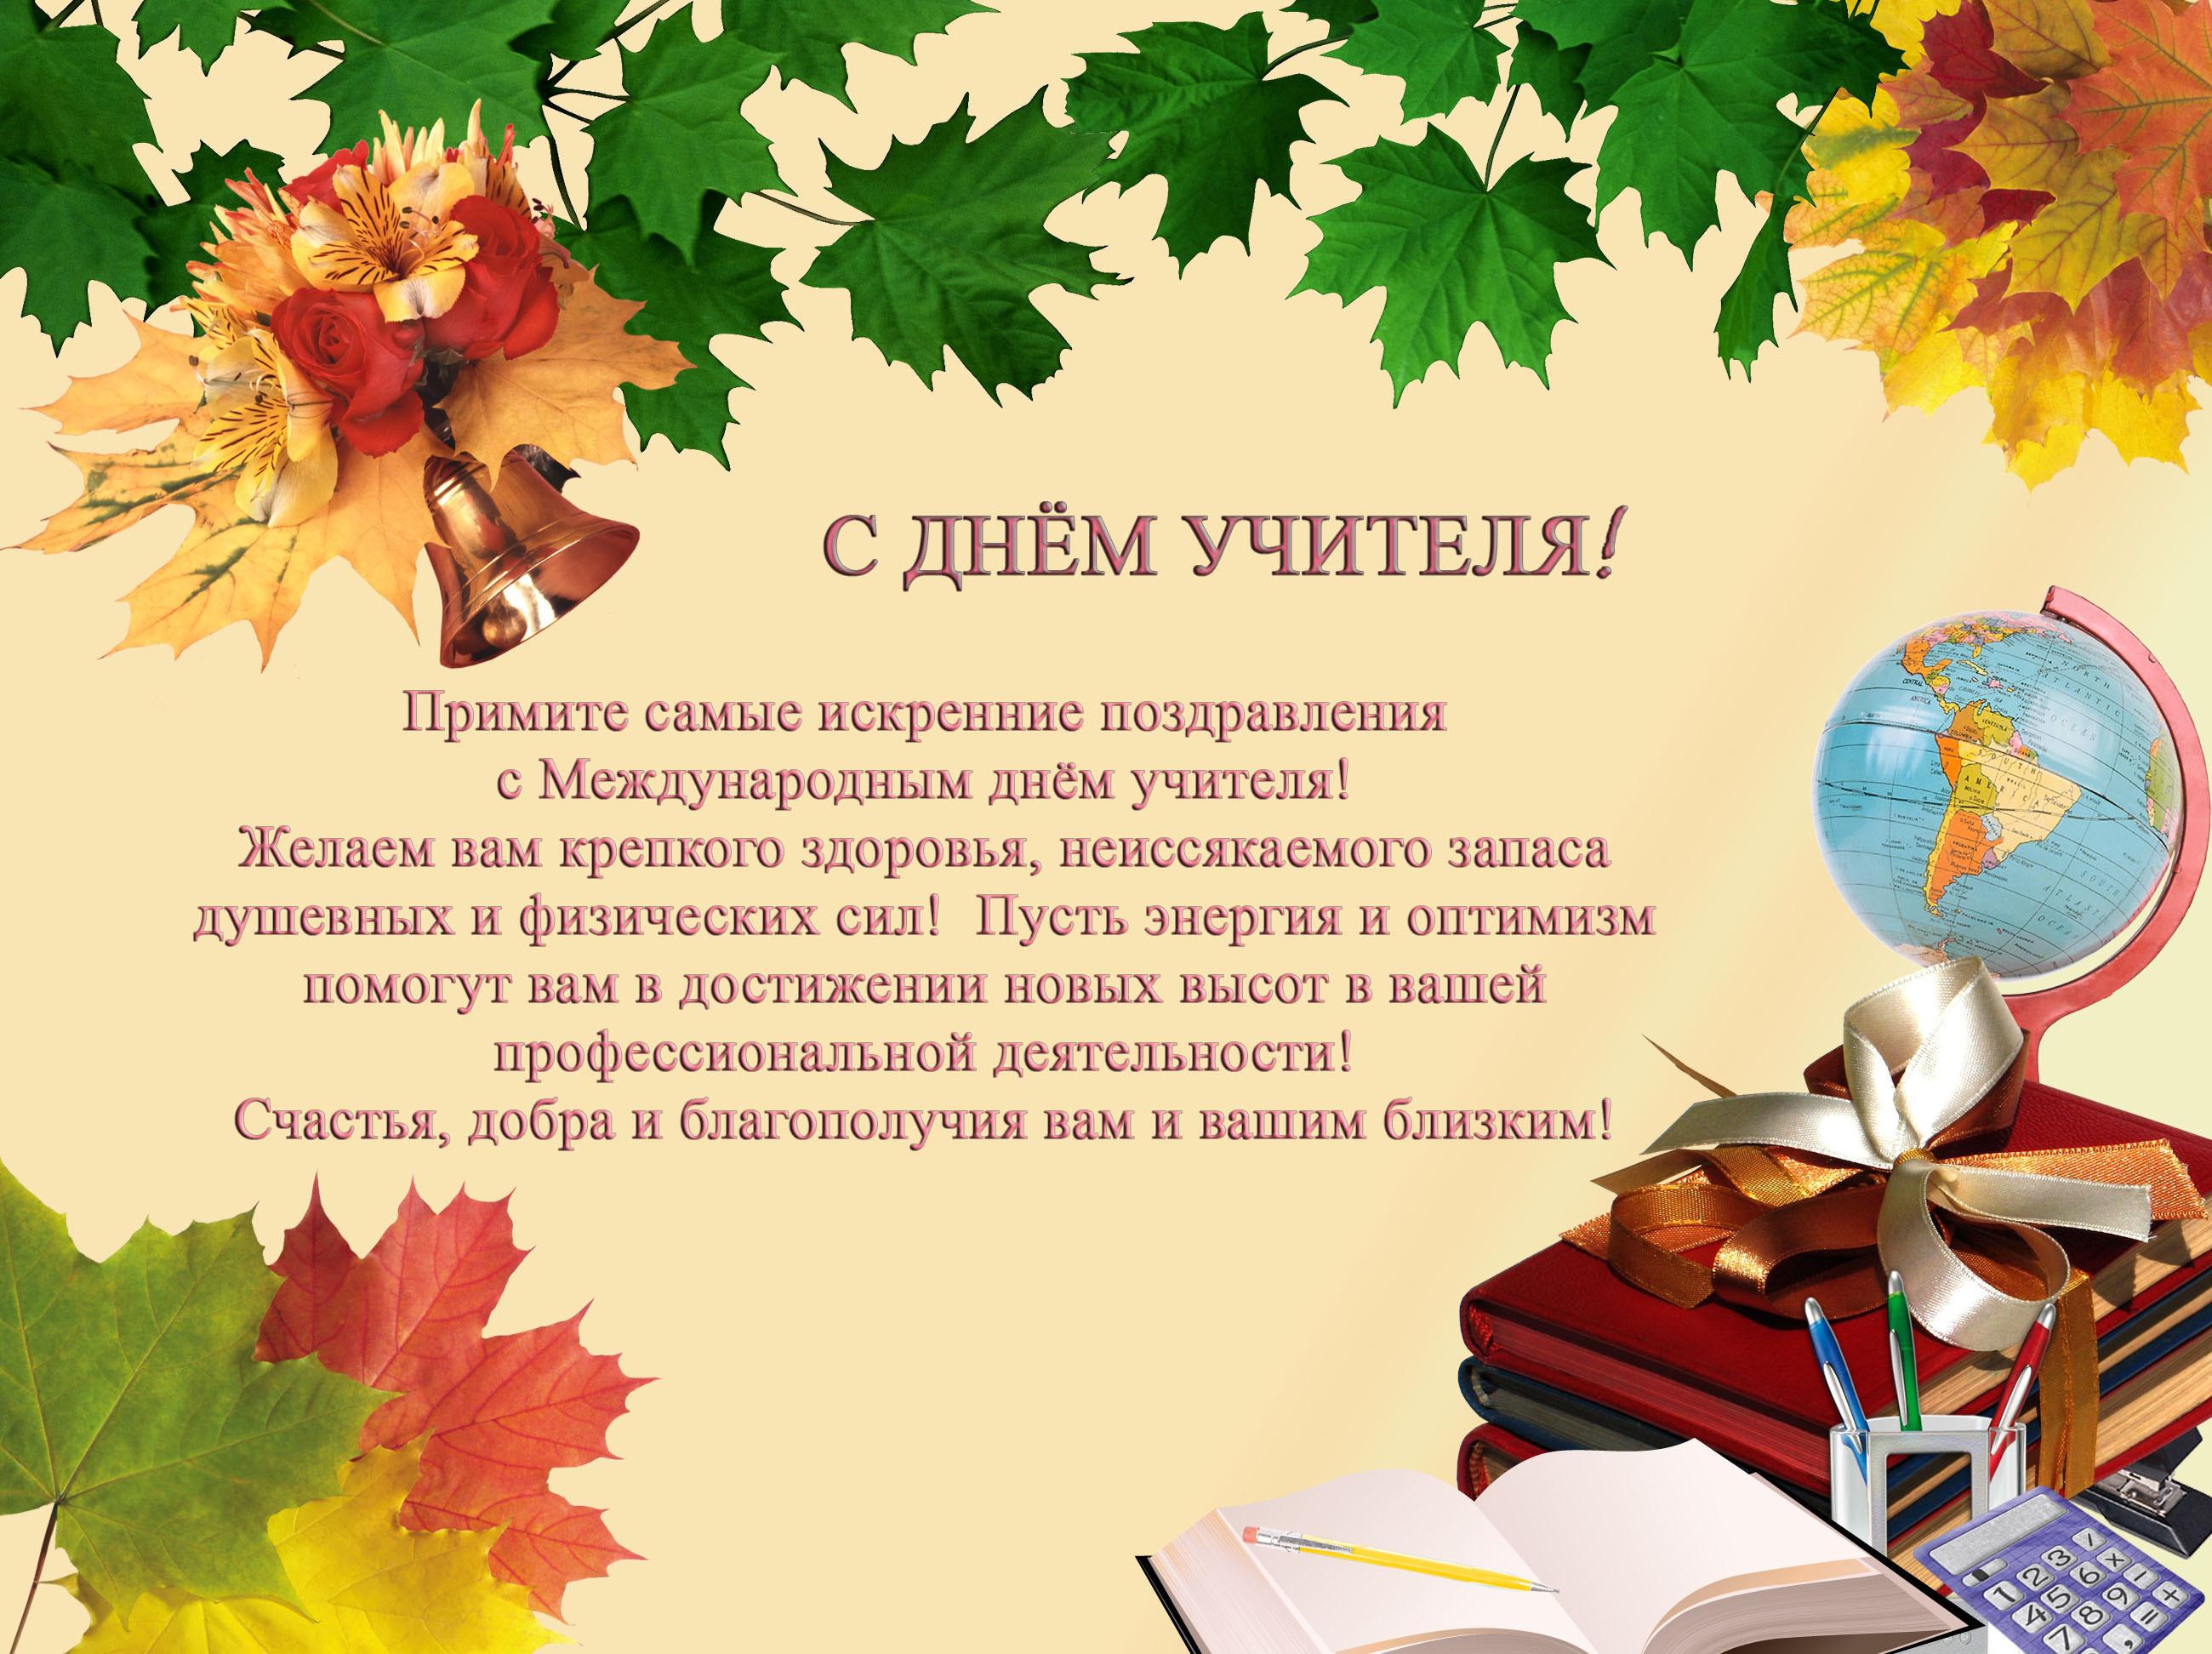 Поздравления с днем рождения учителю/учительнице - Поздравок 65